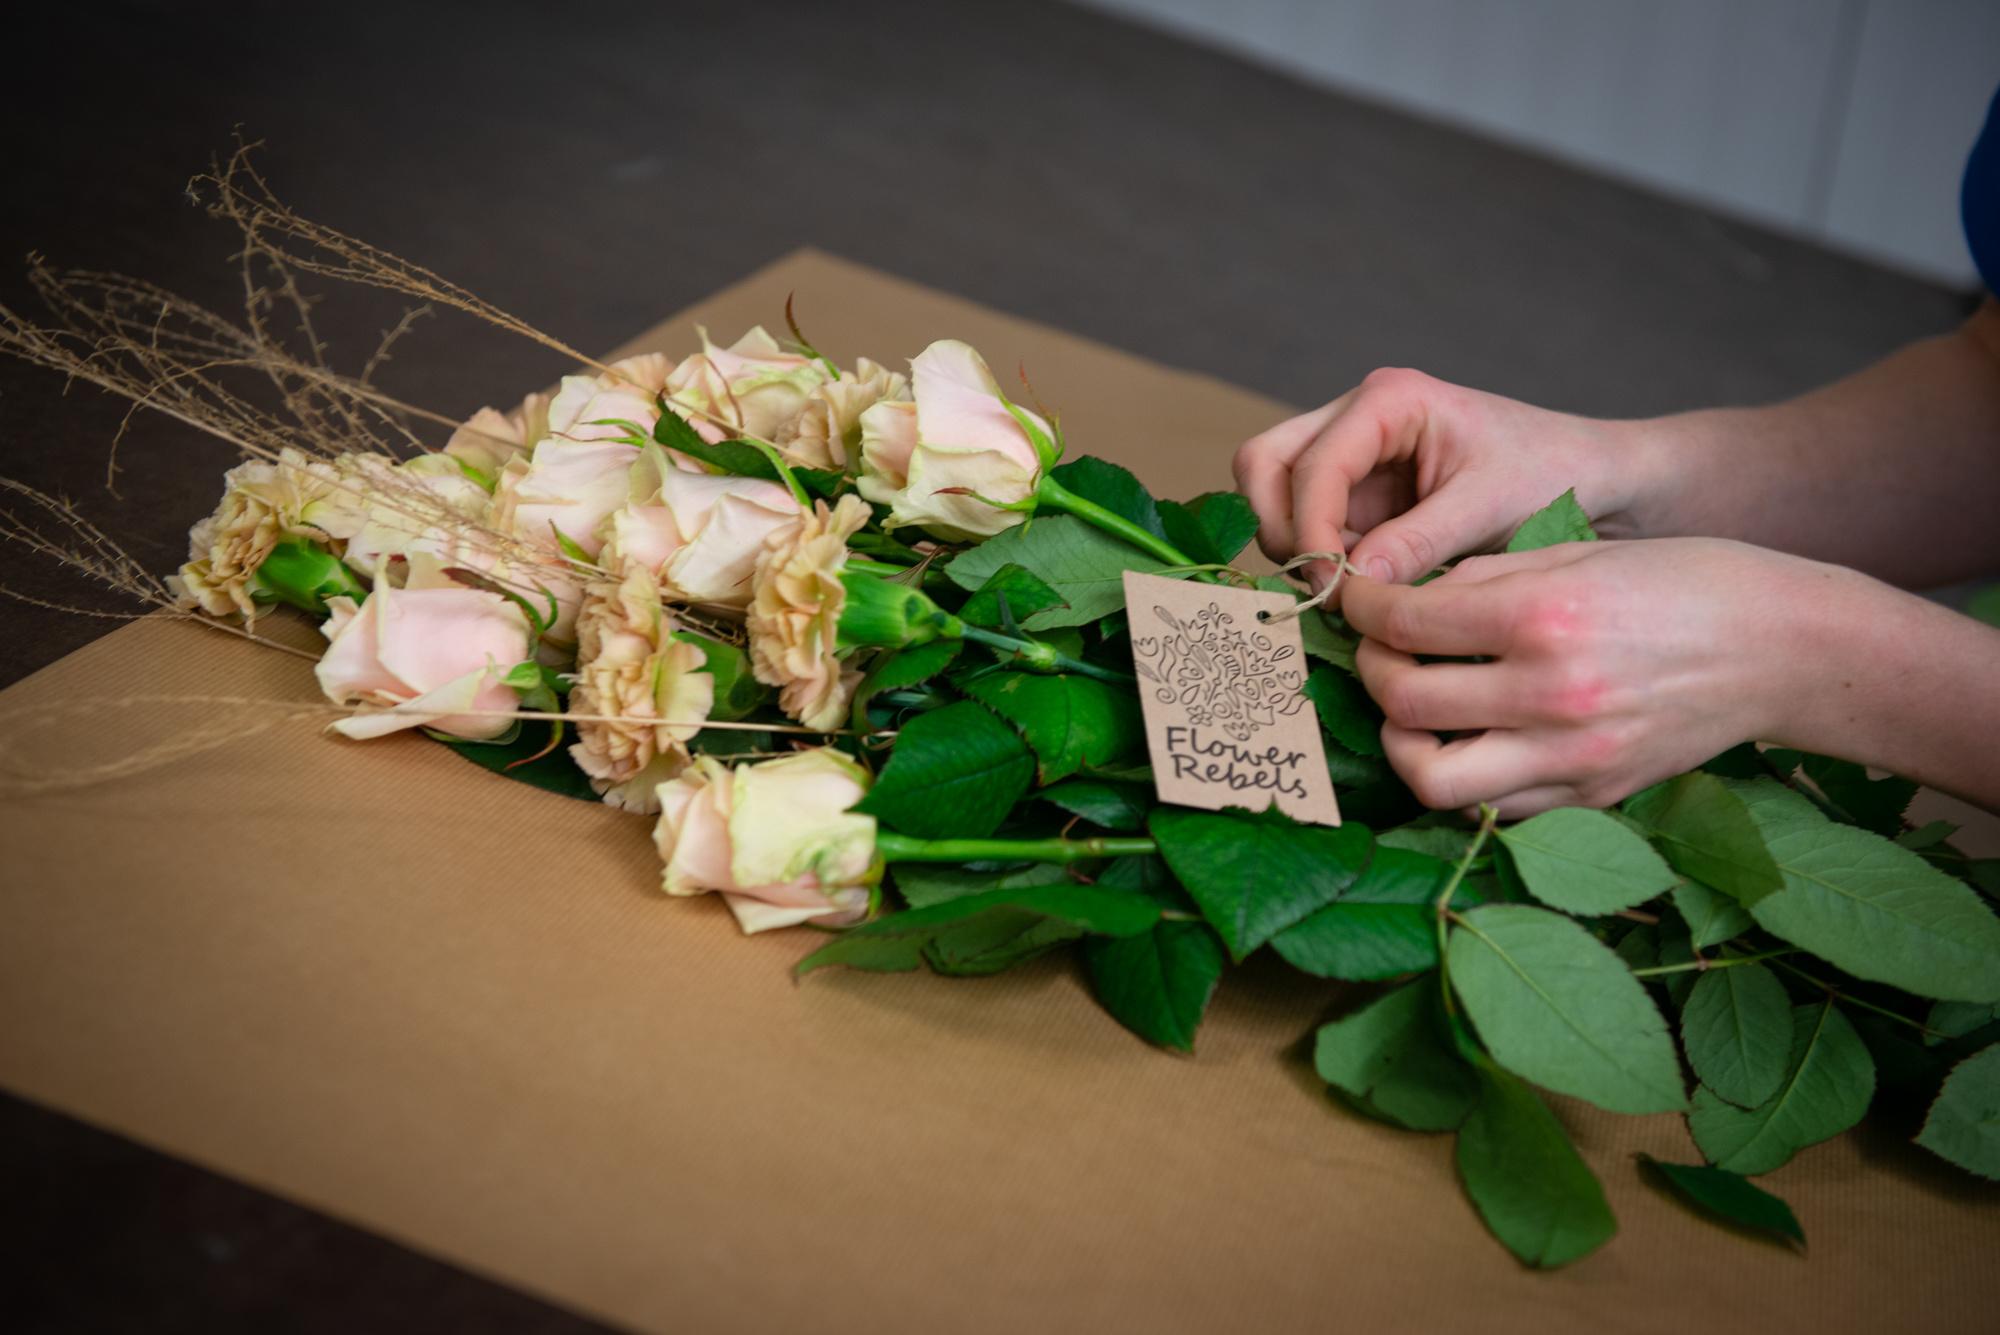 Bloemen worden ingepakt